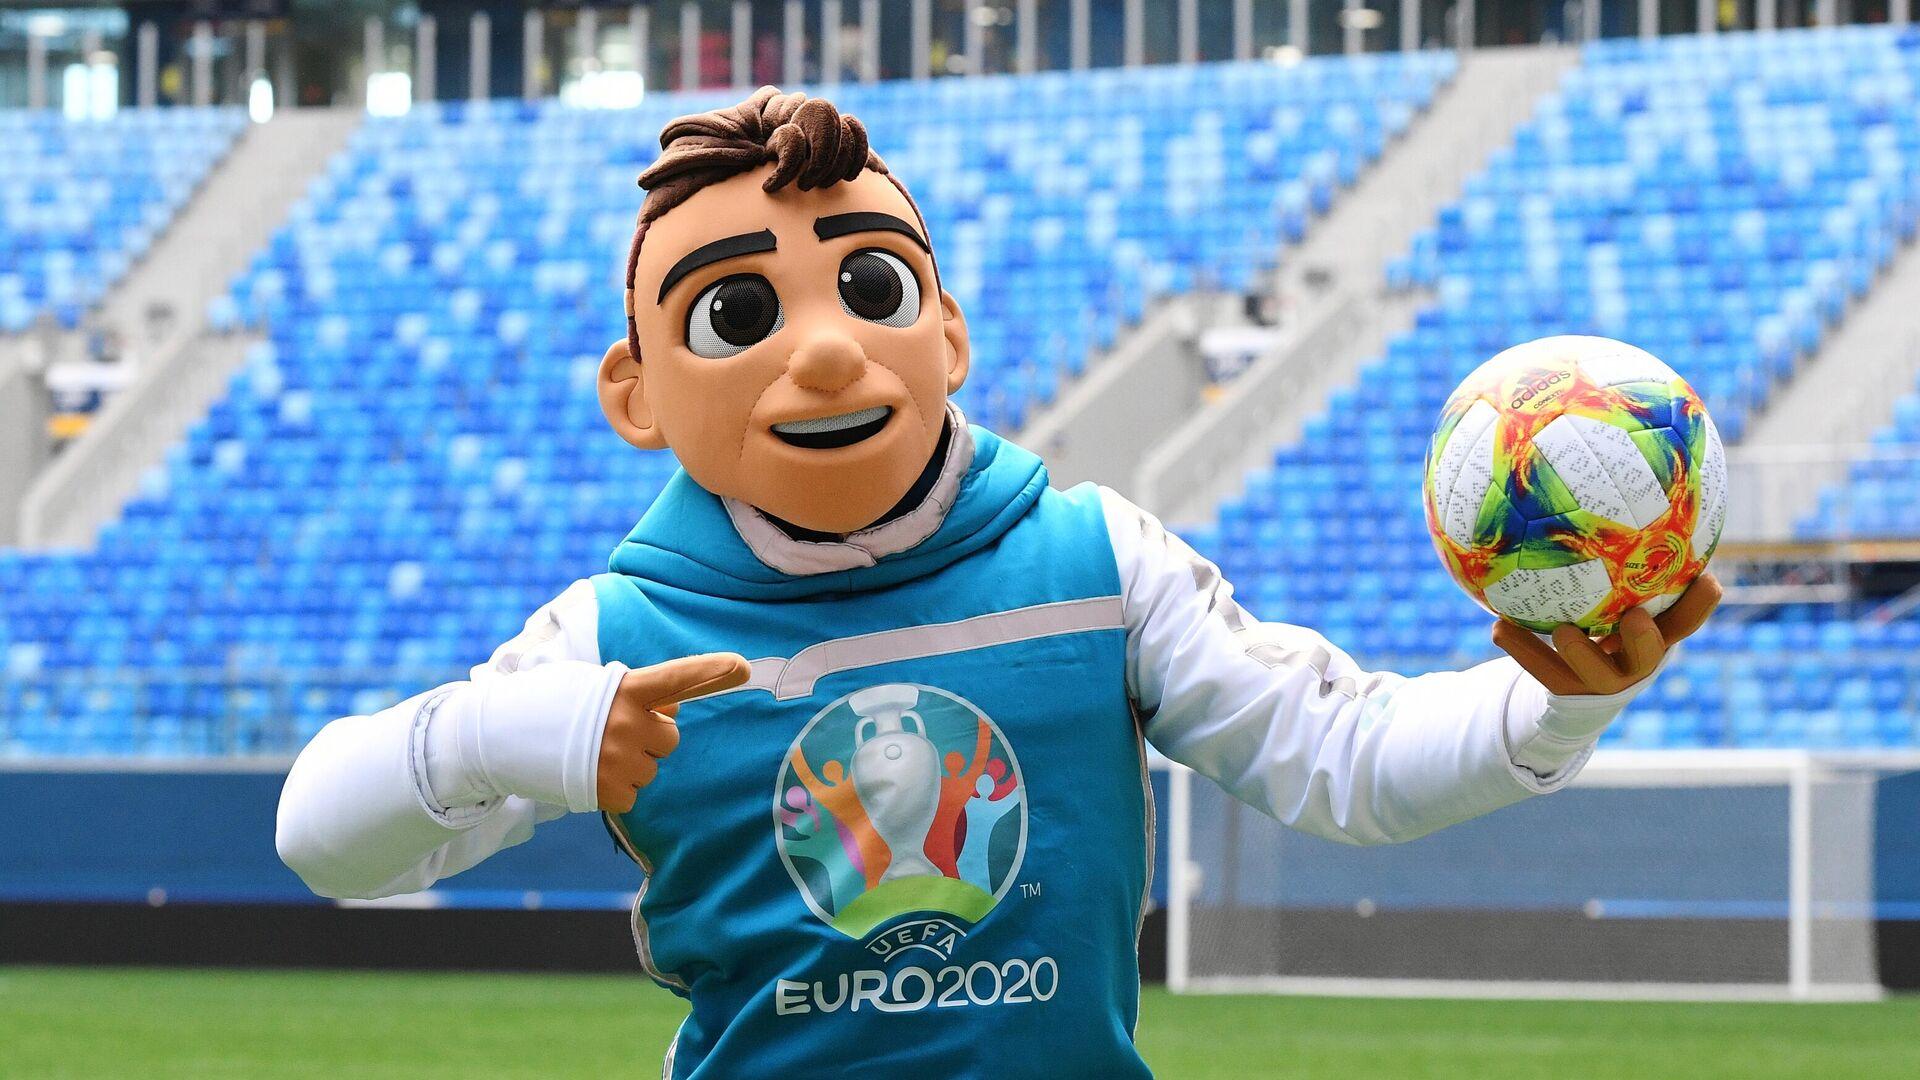 Официальный талисман чемпионата Европы по футболу 2020 мальчик Скиллзи - РИА Новости, 1920, 18.06.2021